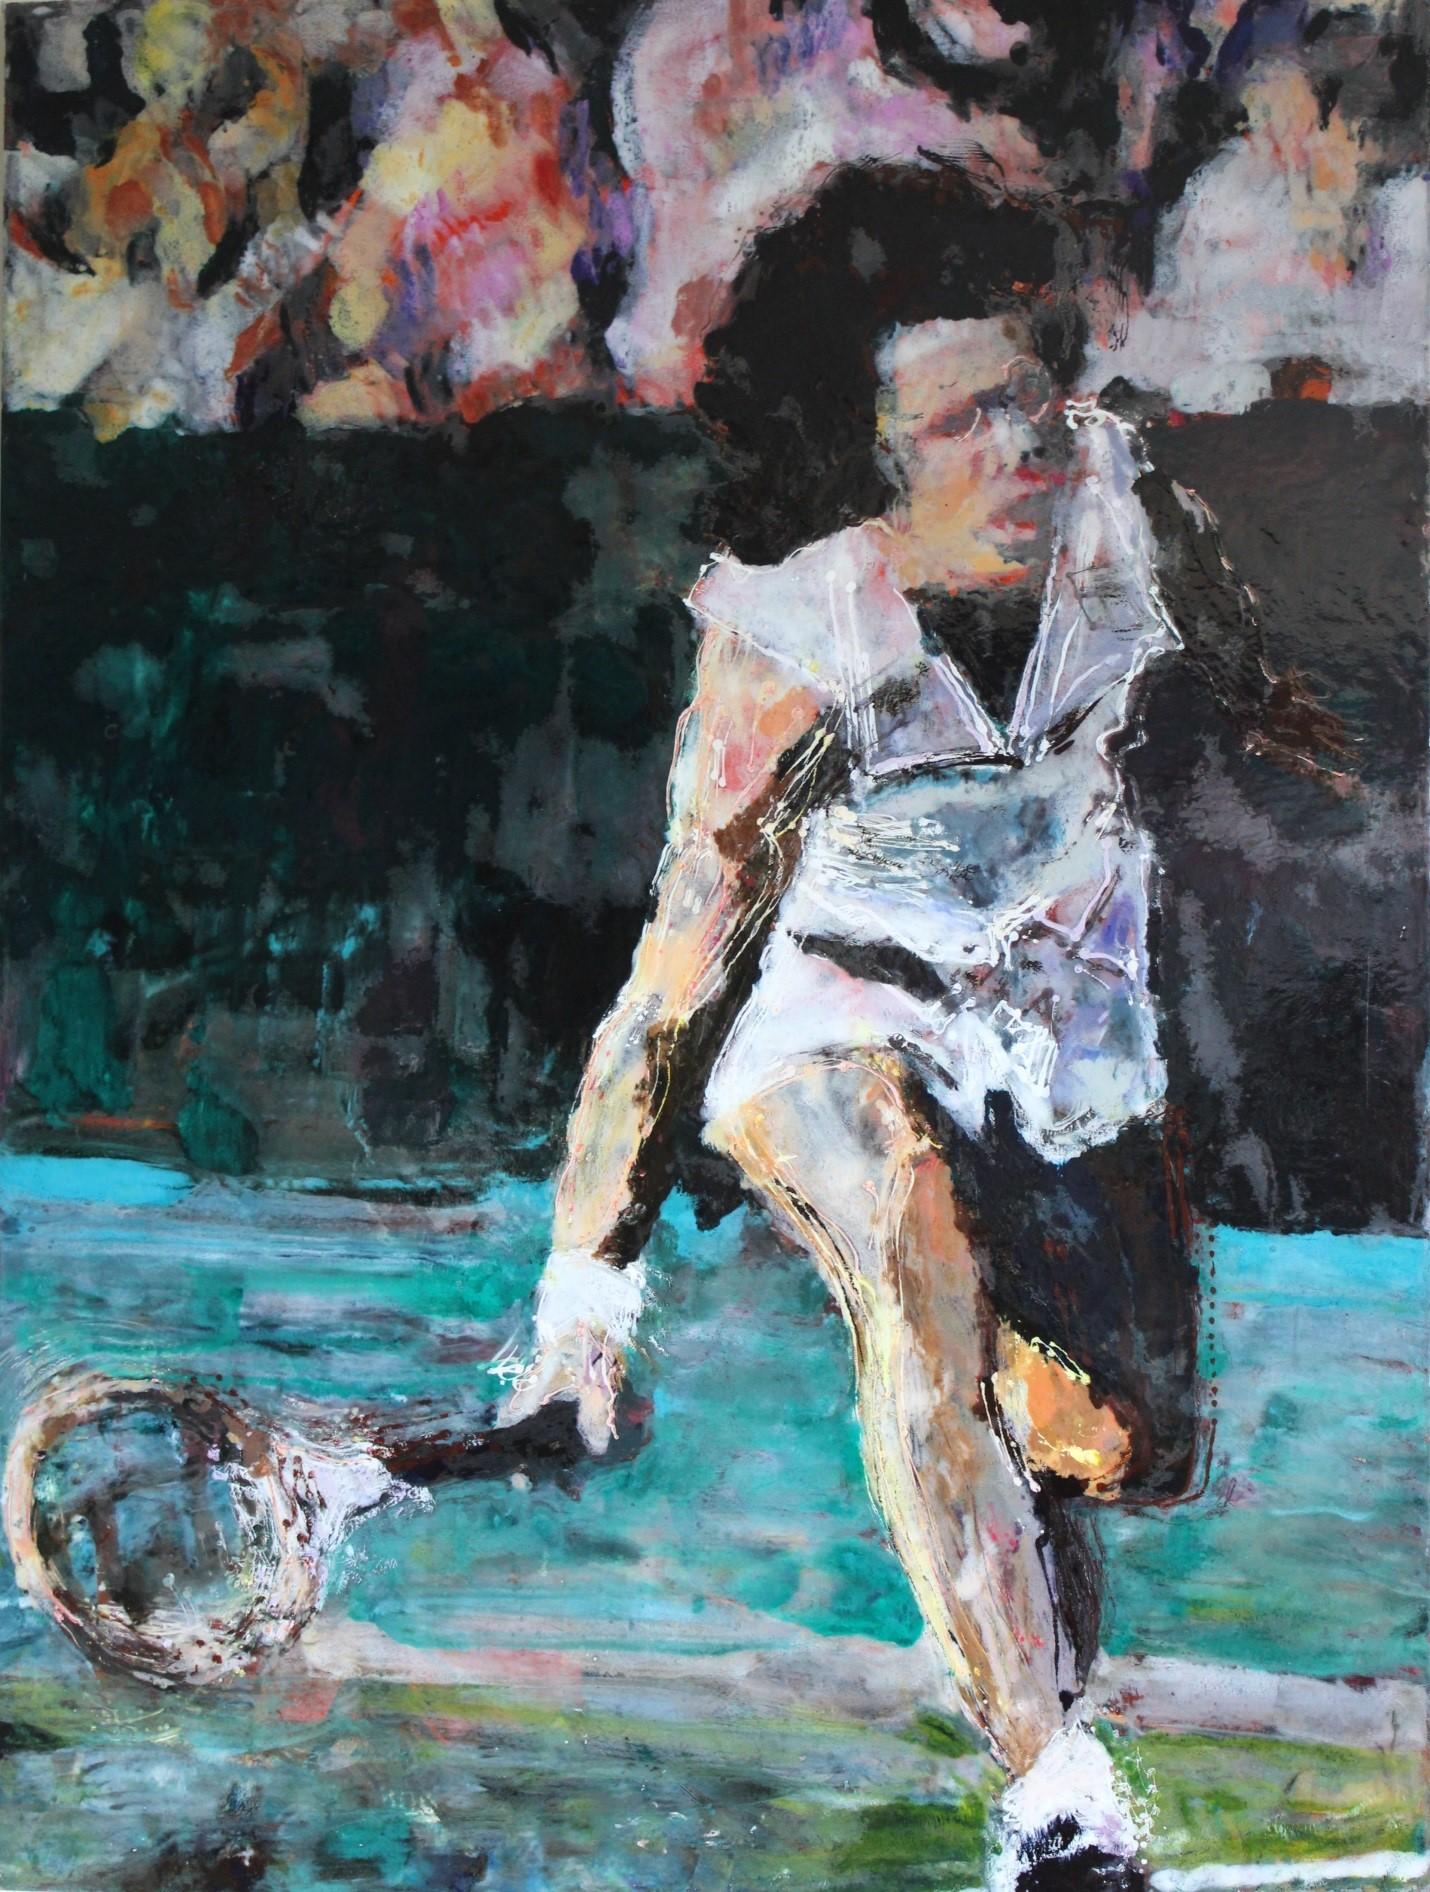 Billie Jean King, 1971 US Open Champion